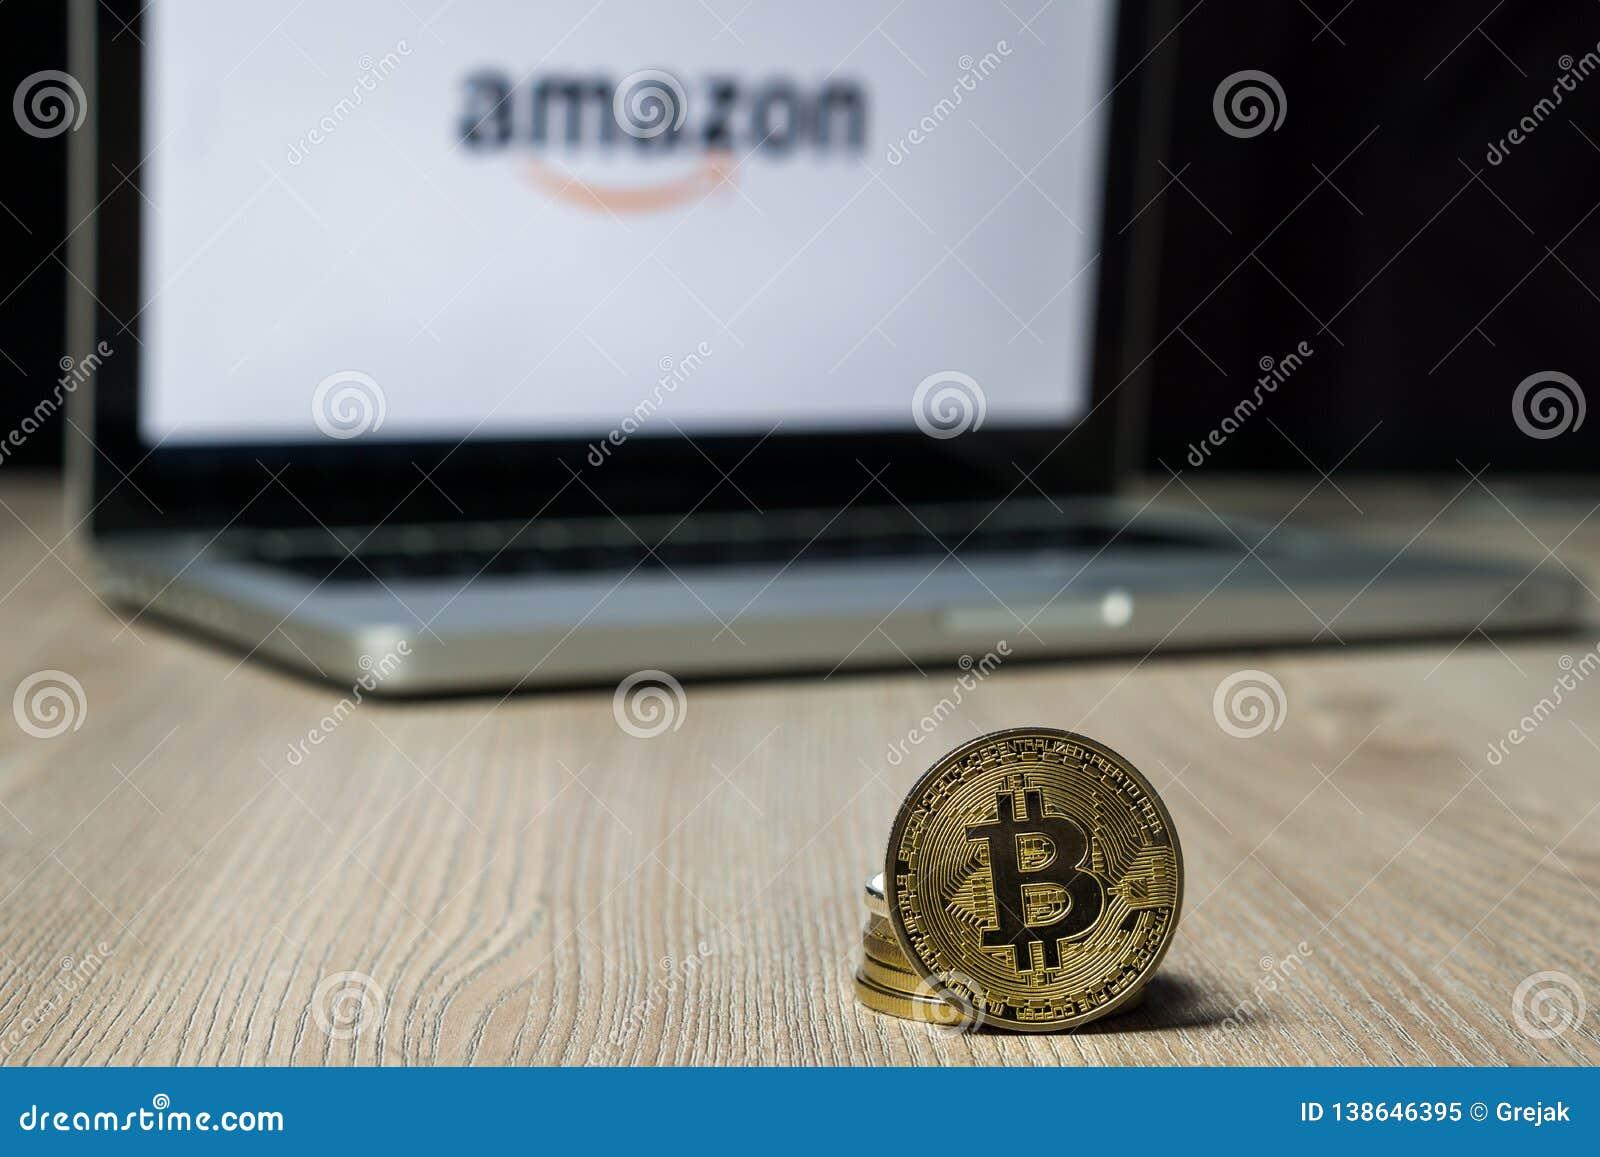 Νόμισμα Bitcoin με το λογότυπο της Αμαζώνας σε μια οθόνη lap-top, Σλοβενία - 23 Δεκεμβρίου 2018